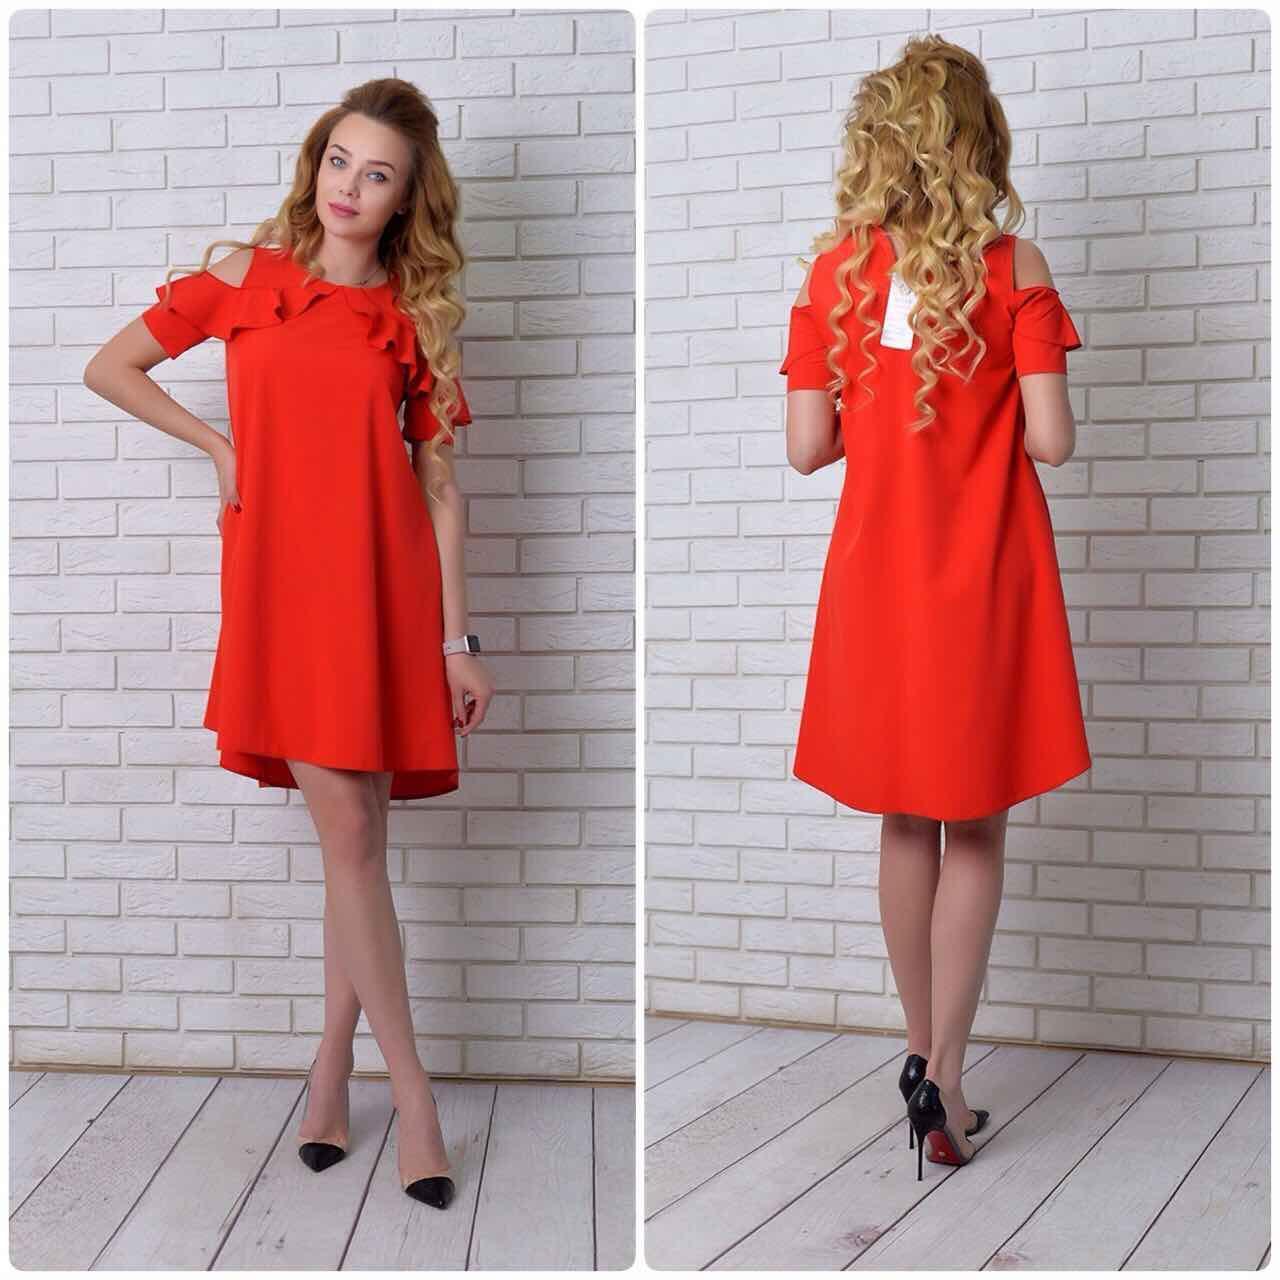 9b576fec6e2 Платье арт. 785 алое - Интернет магазин женской одежды Khan в Одессе